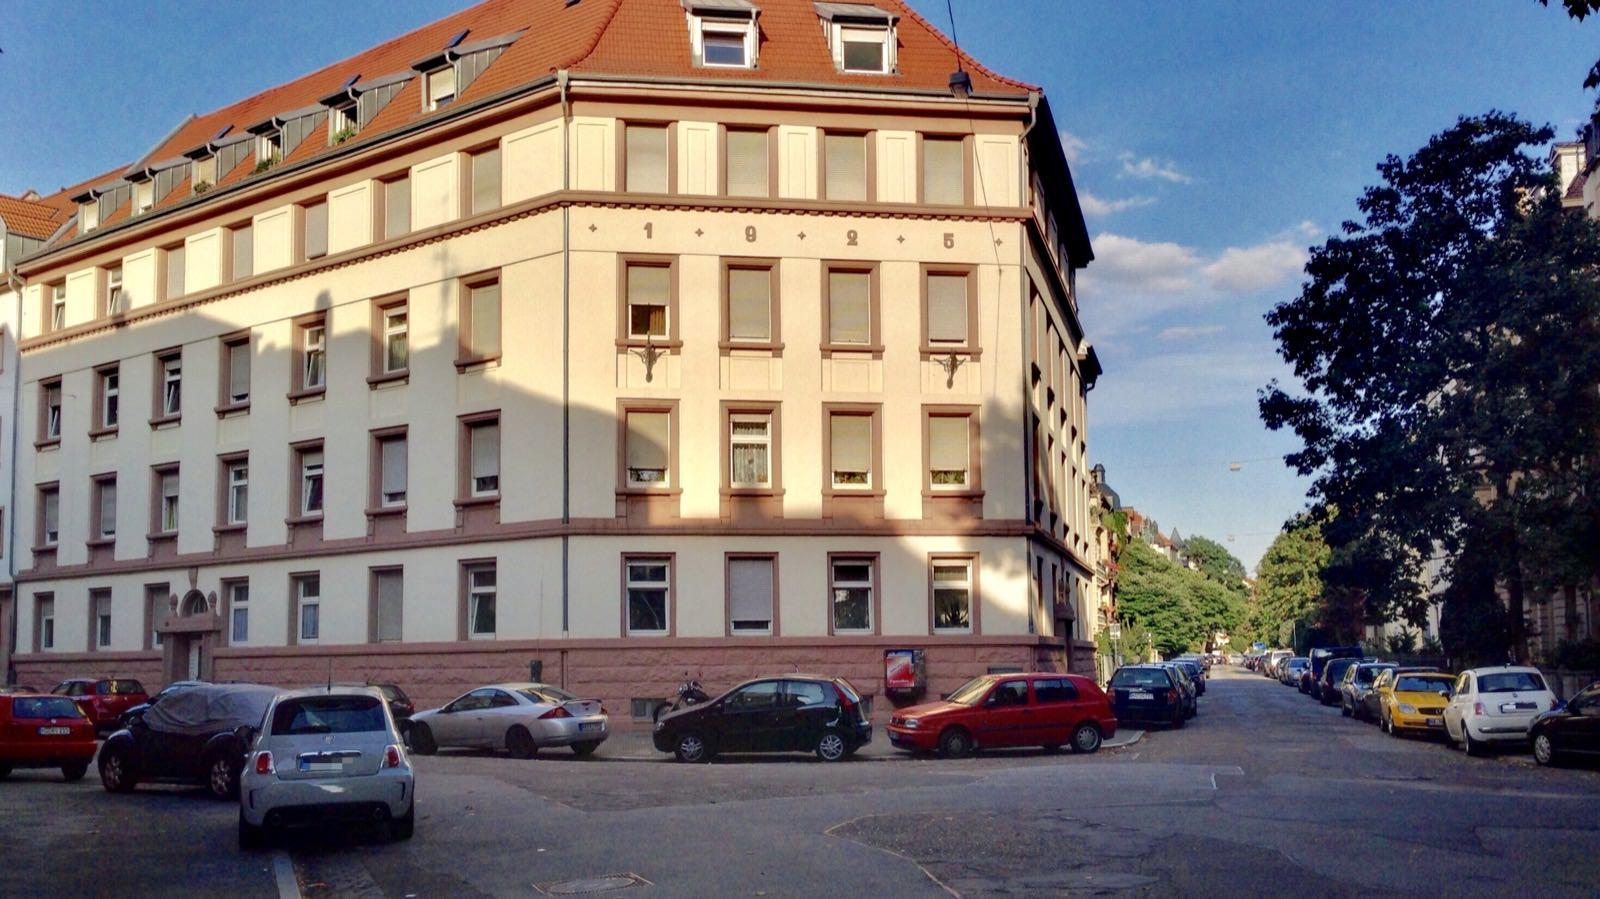 Ecke Obere Clignet-/Uhlandstraße (Archivbild 2014) | Foto: M. Schülke